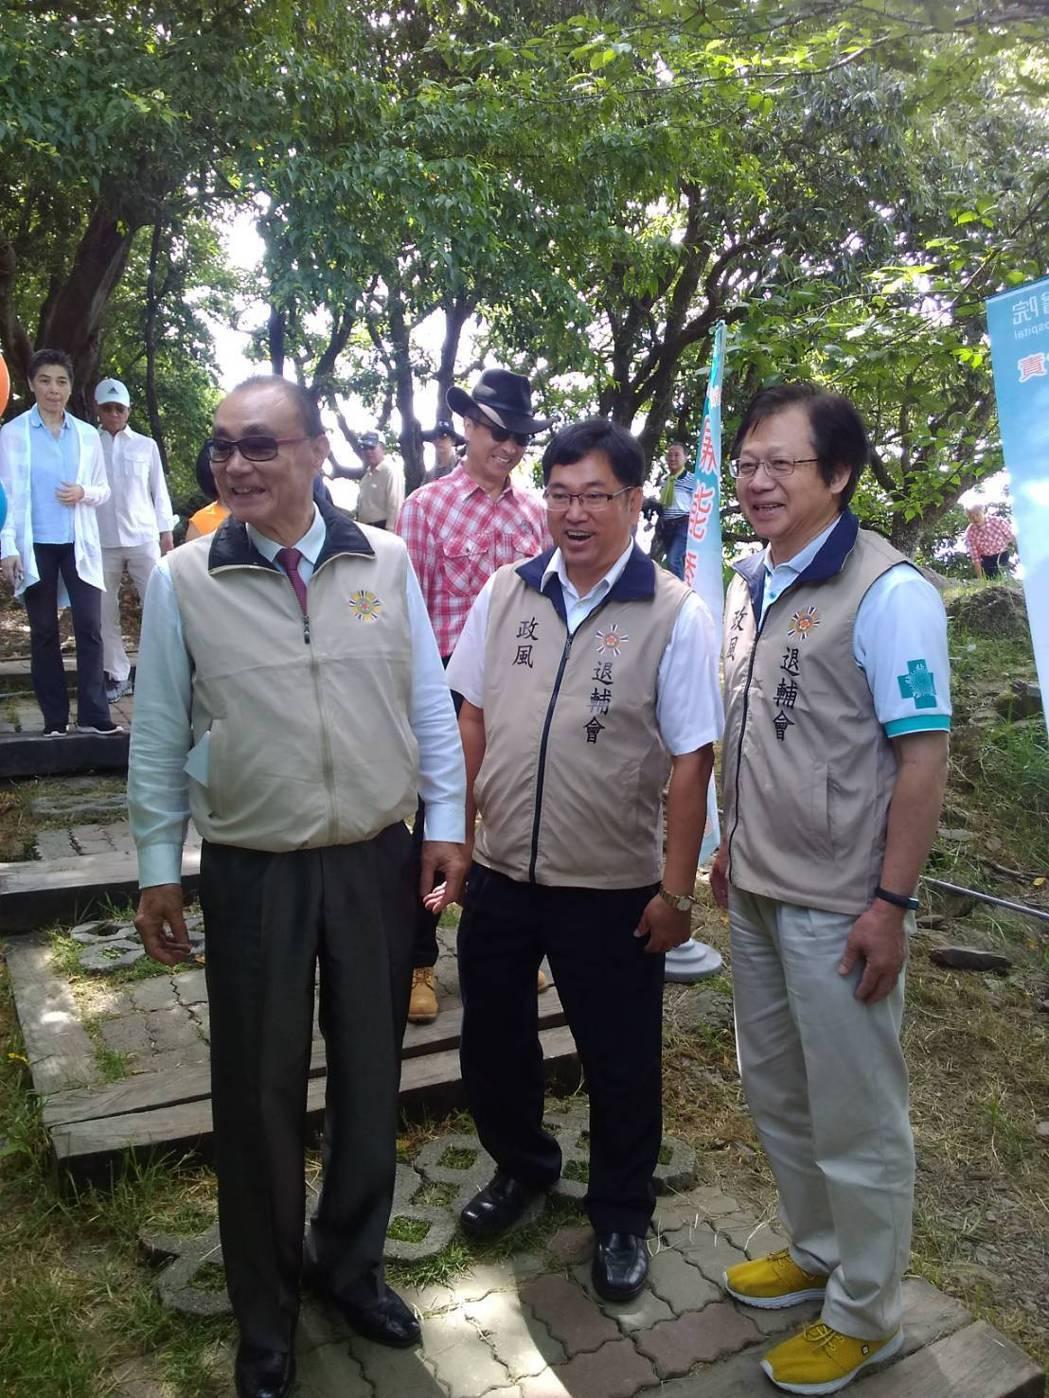 輔導會主委馮世寬(左一)蒞臨現場關心。 臺中榮總/提供。